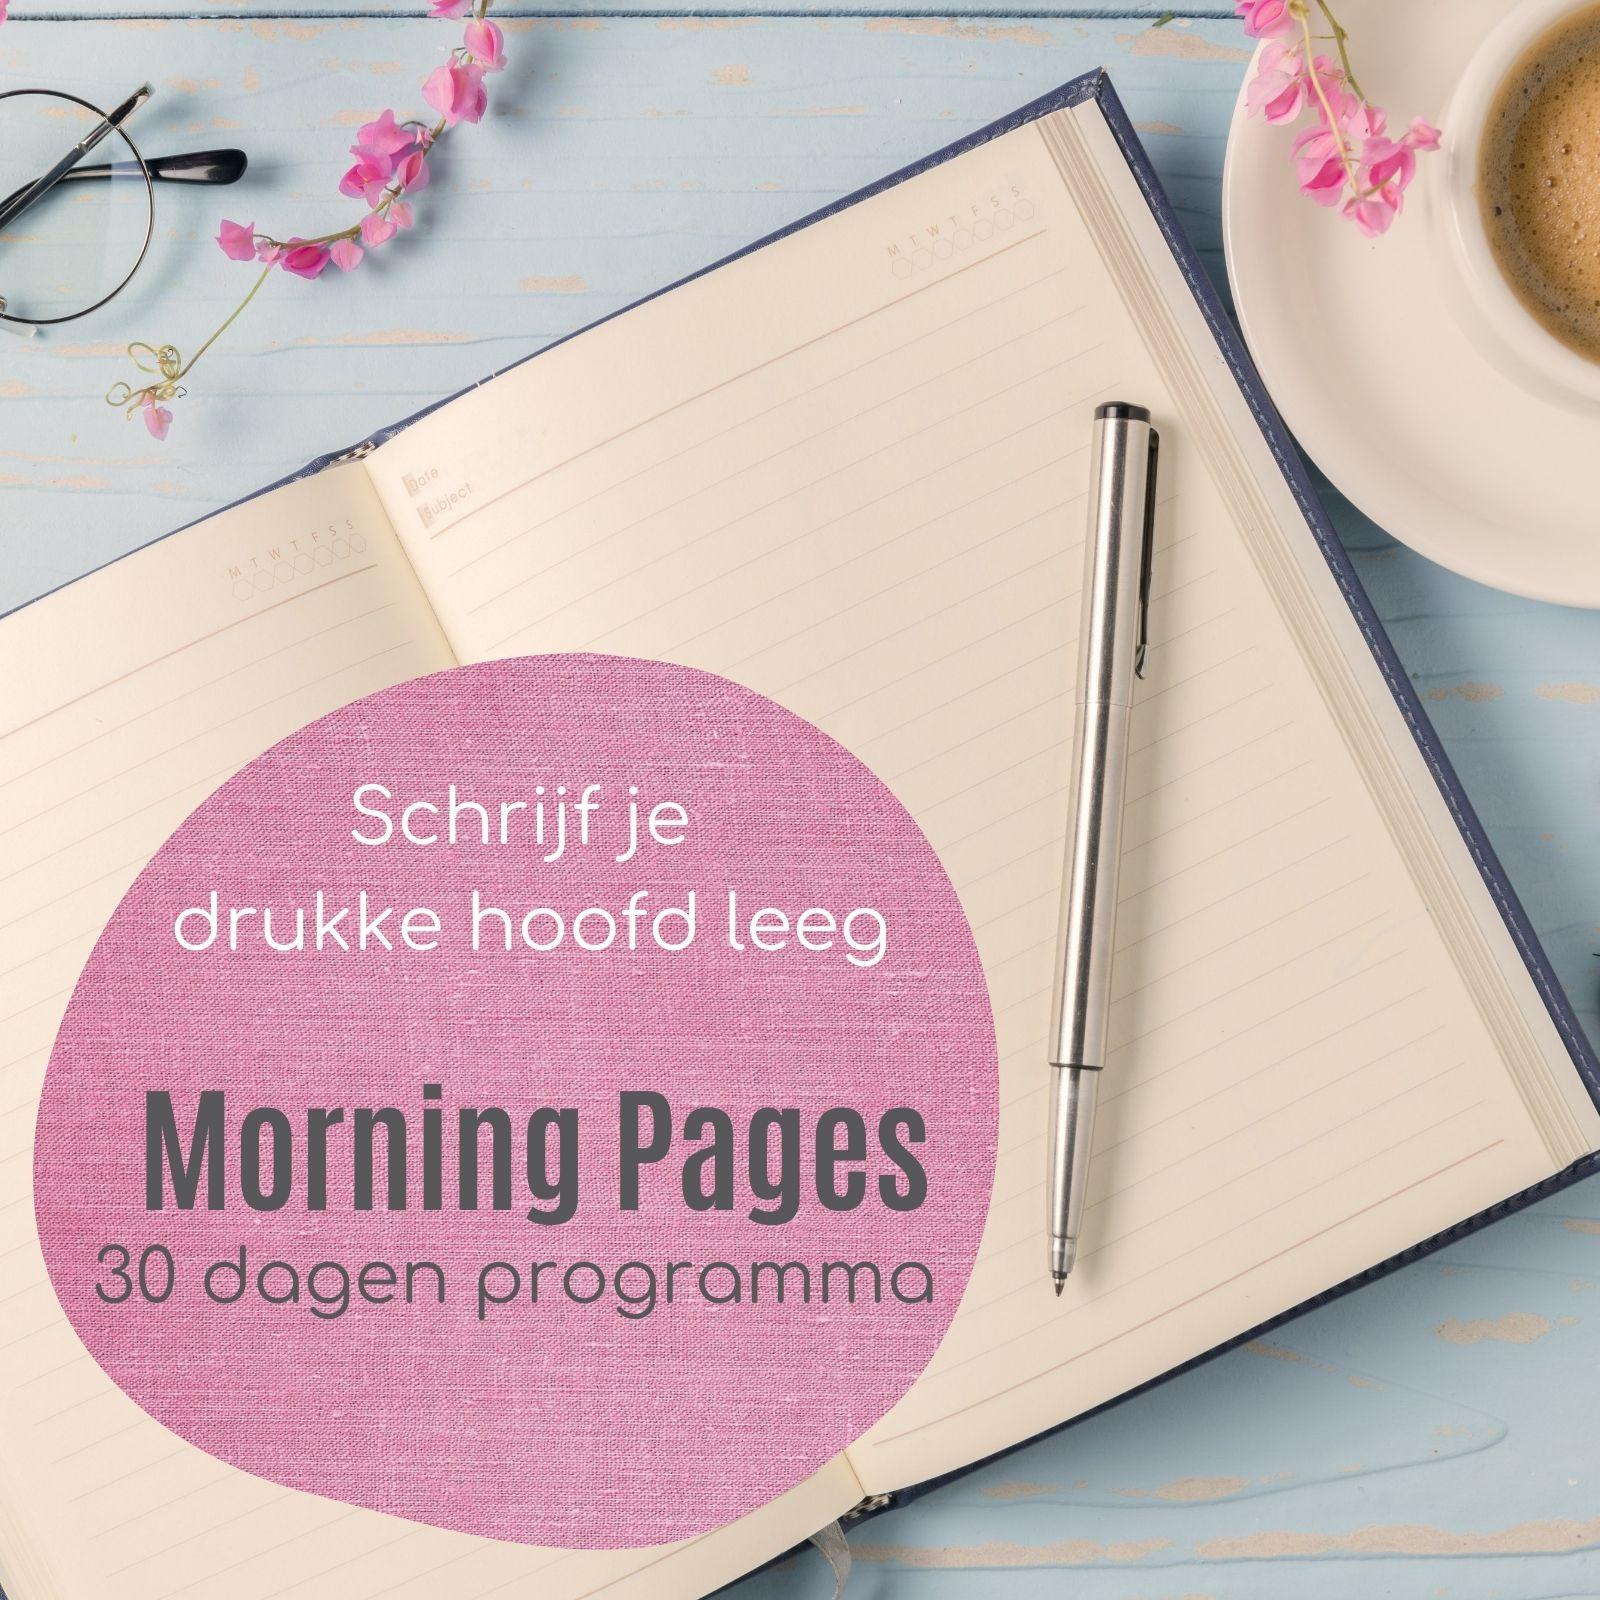 Morning Pages 30 dagen programma